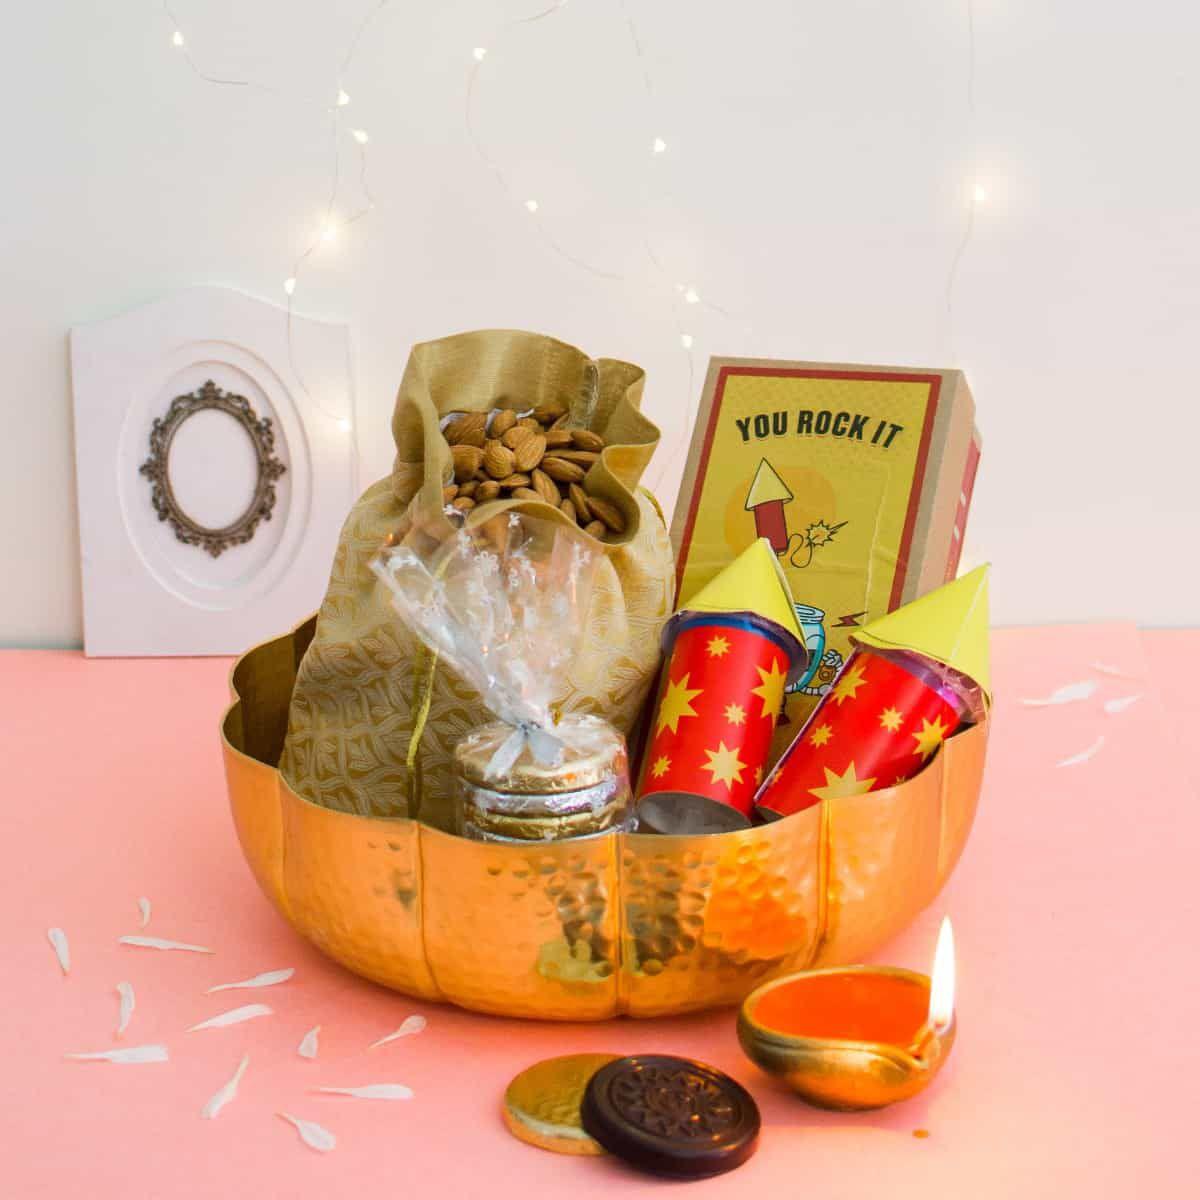 diwali-gift-festive-hamper-urlis.jpg